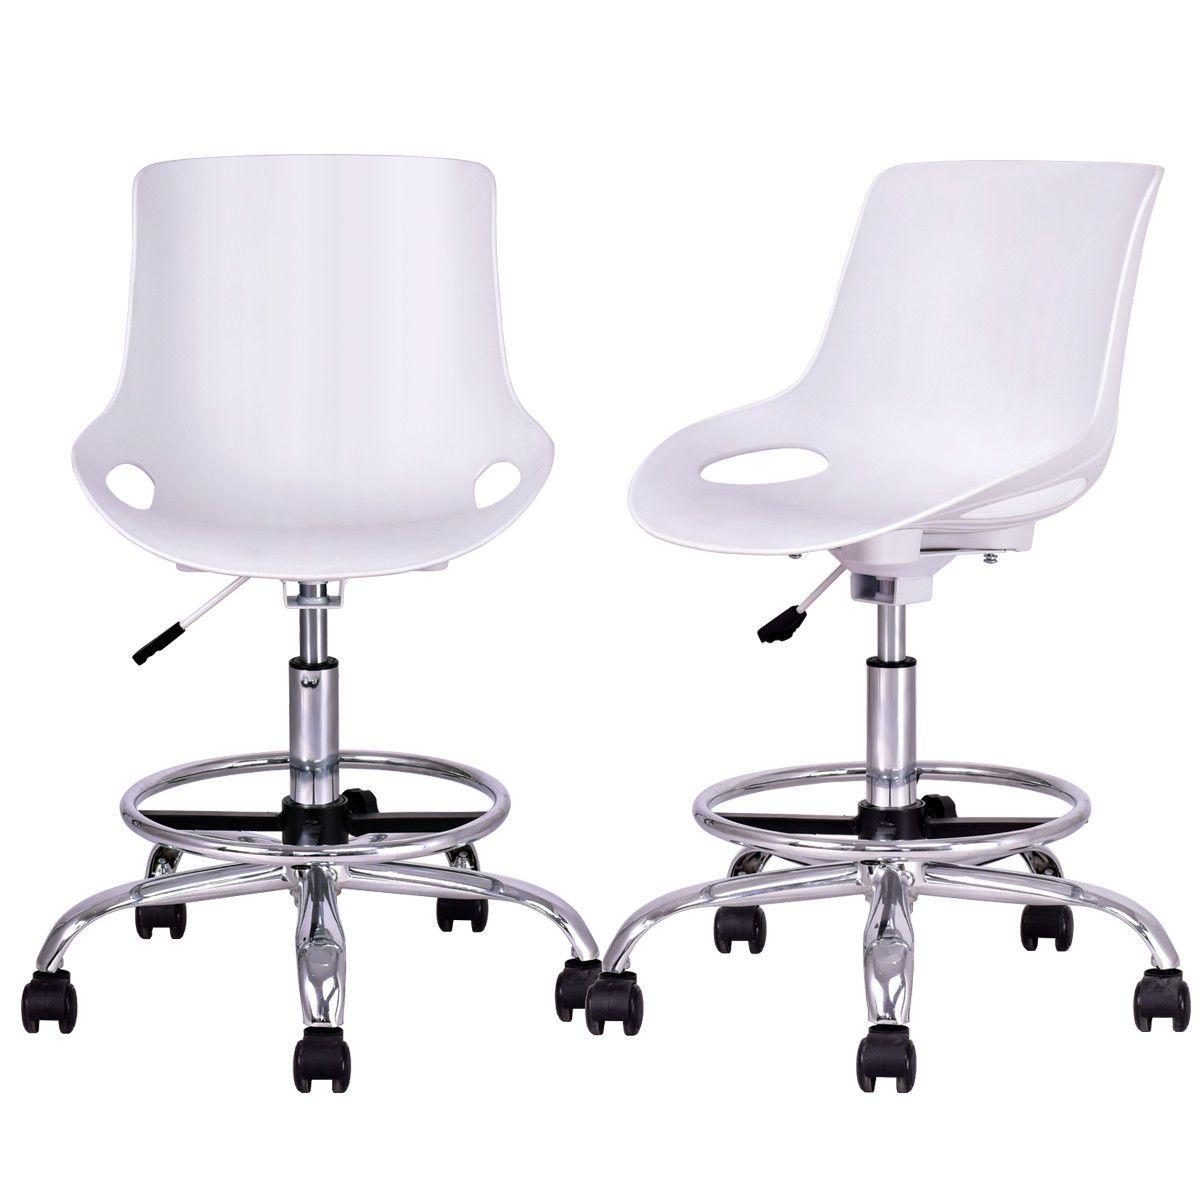 2 Piece Adjustable Armless Desk Chair